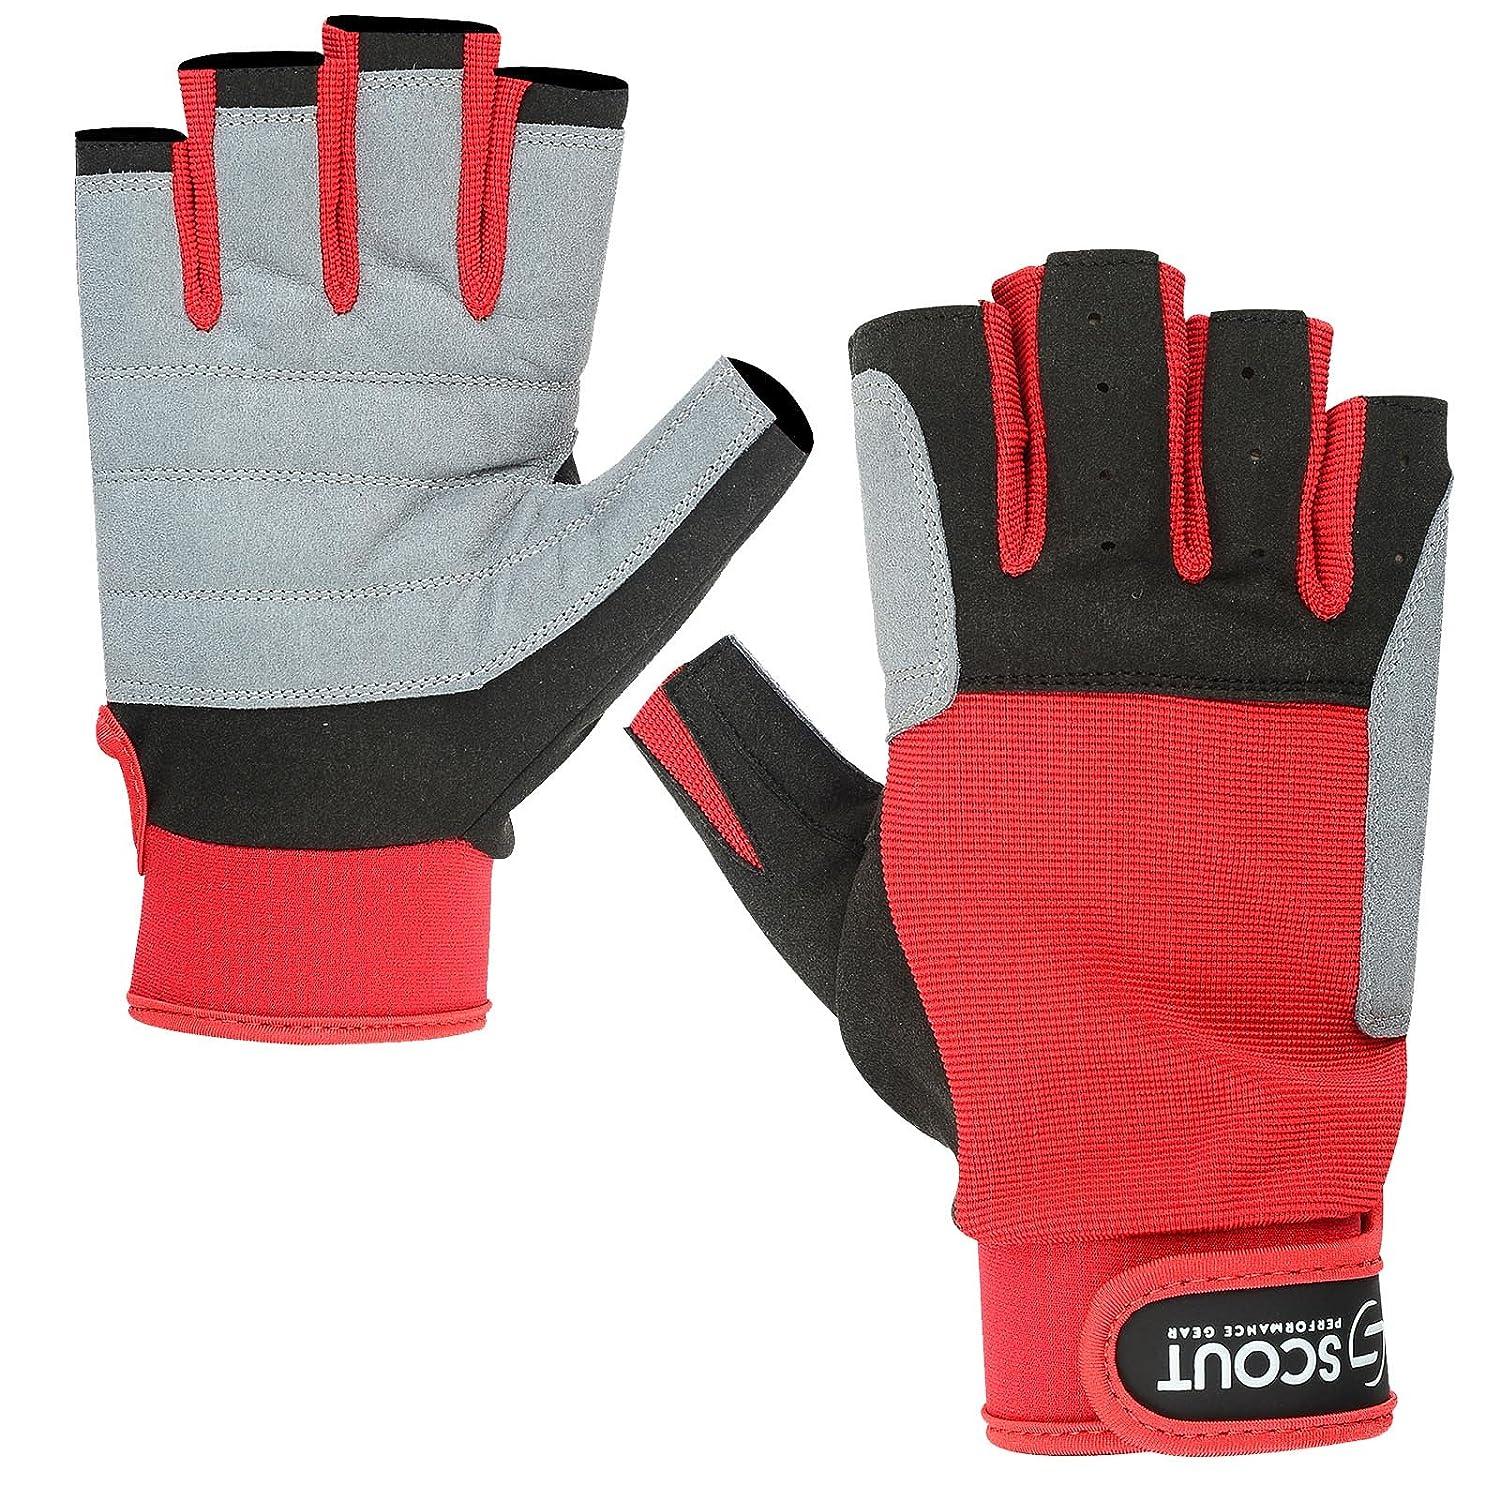 【訳あり】 新しいSailing Gloves Medium(7.5\ Kayak YachtingロープDinghy釣りWaterskiスポーツBoatingレッドグレー Medium(7.5\ 新しいSailing Gloves B074HHHMC3, 防府市:63d93cea --- a0267596.xsph.ru